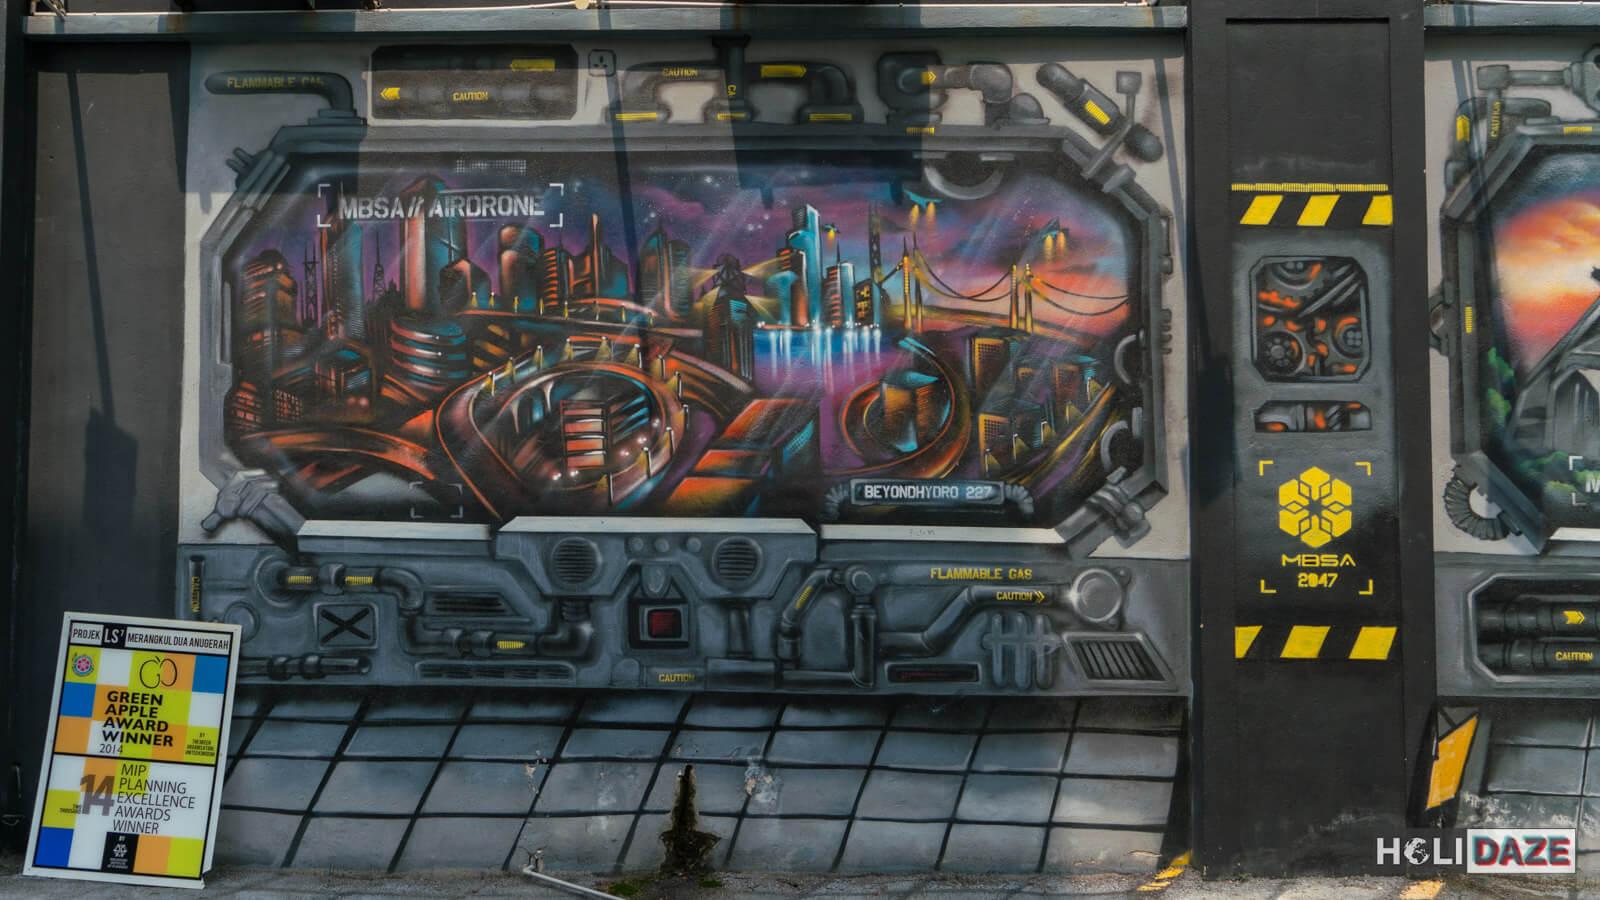 Shah Alam street art at Laman Seni 7 near Kuala Lumpur, Malaysia